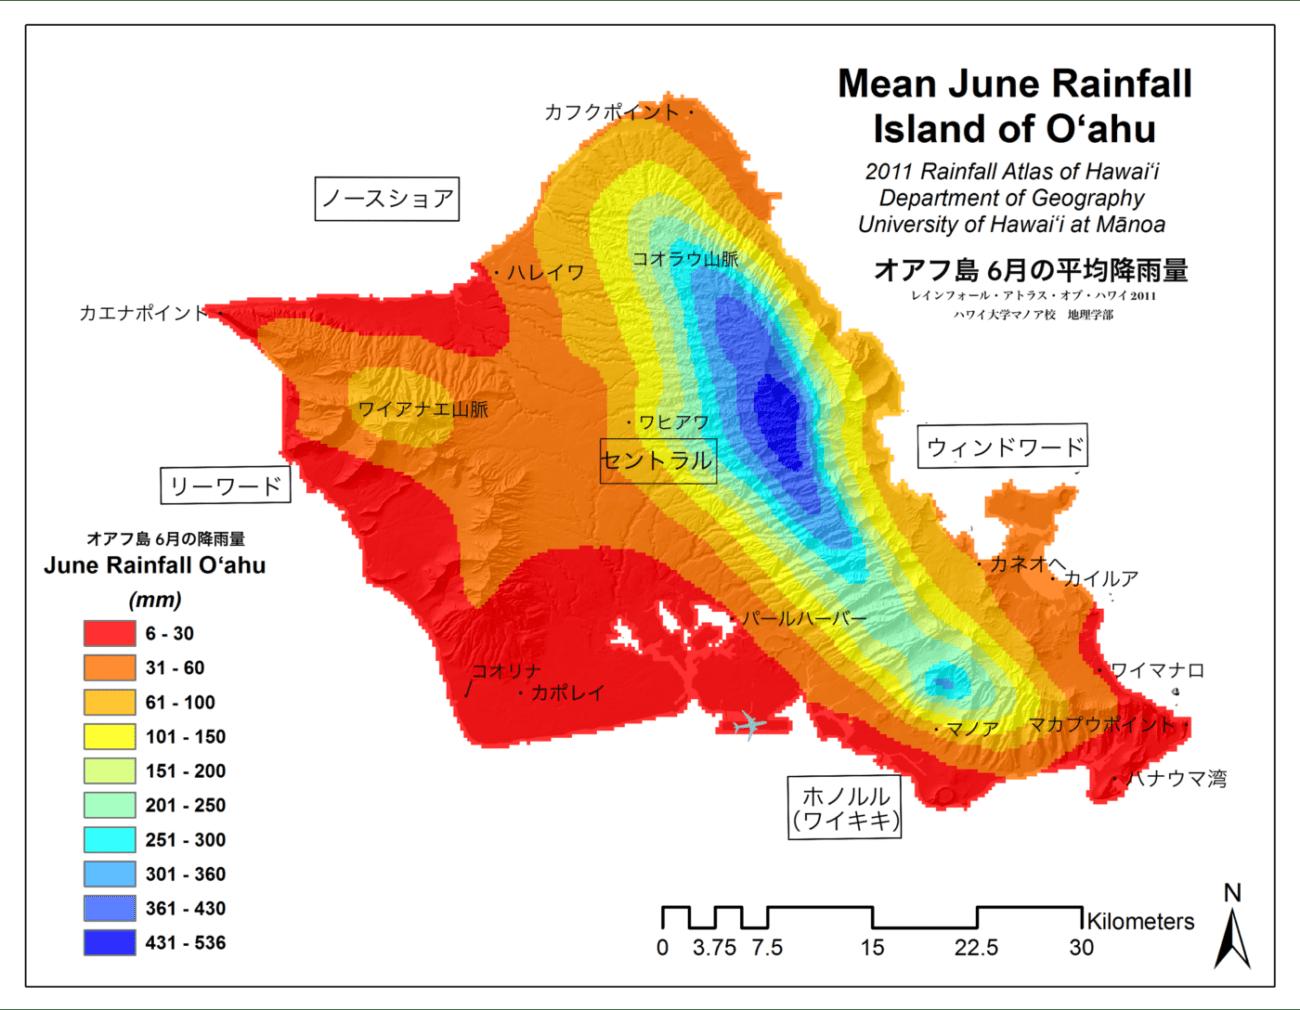 オアフ島 6月の平均降雨量